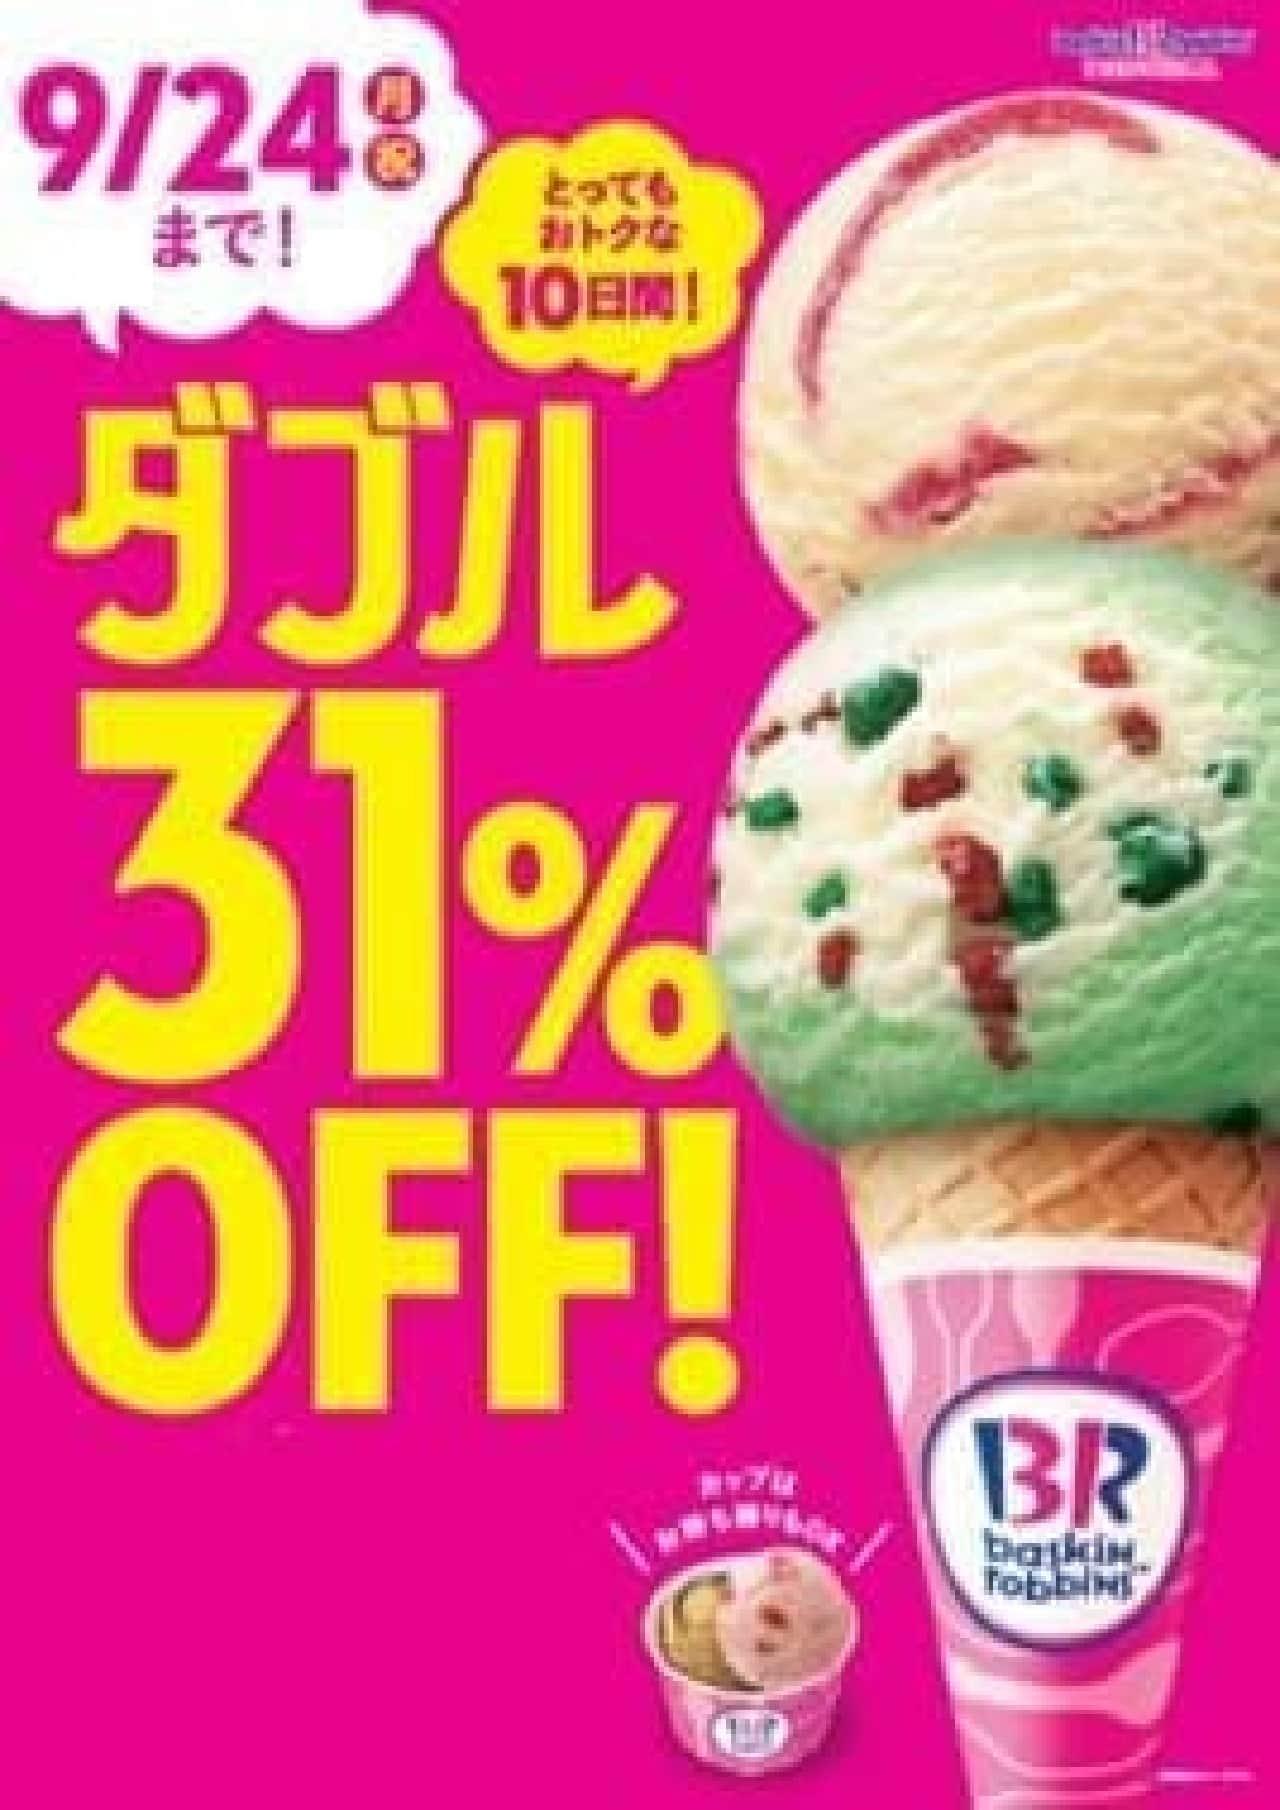 サーティワン アイスクリーム「ダブル31%OFFキャンペーン」